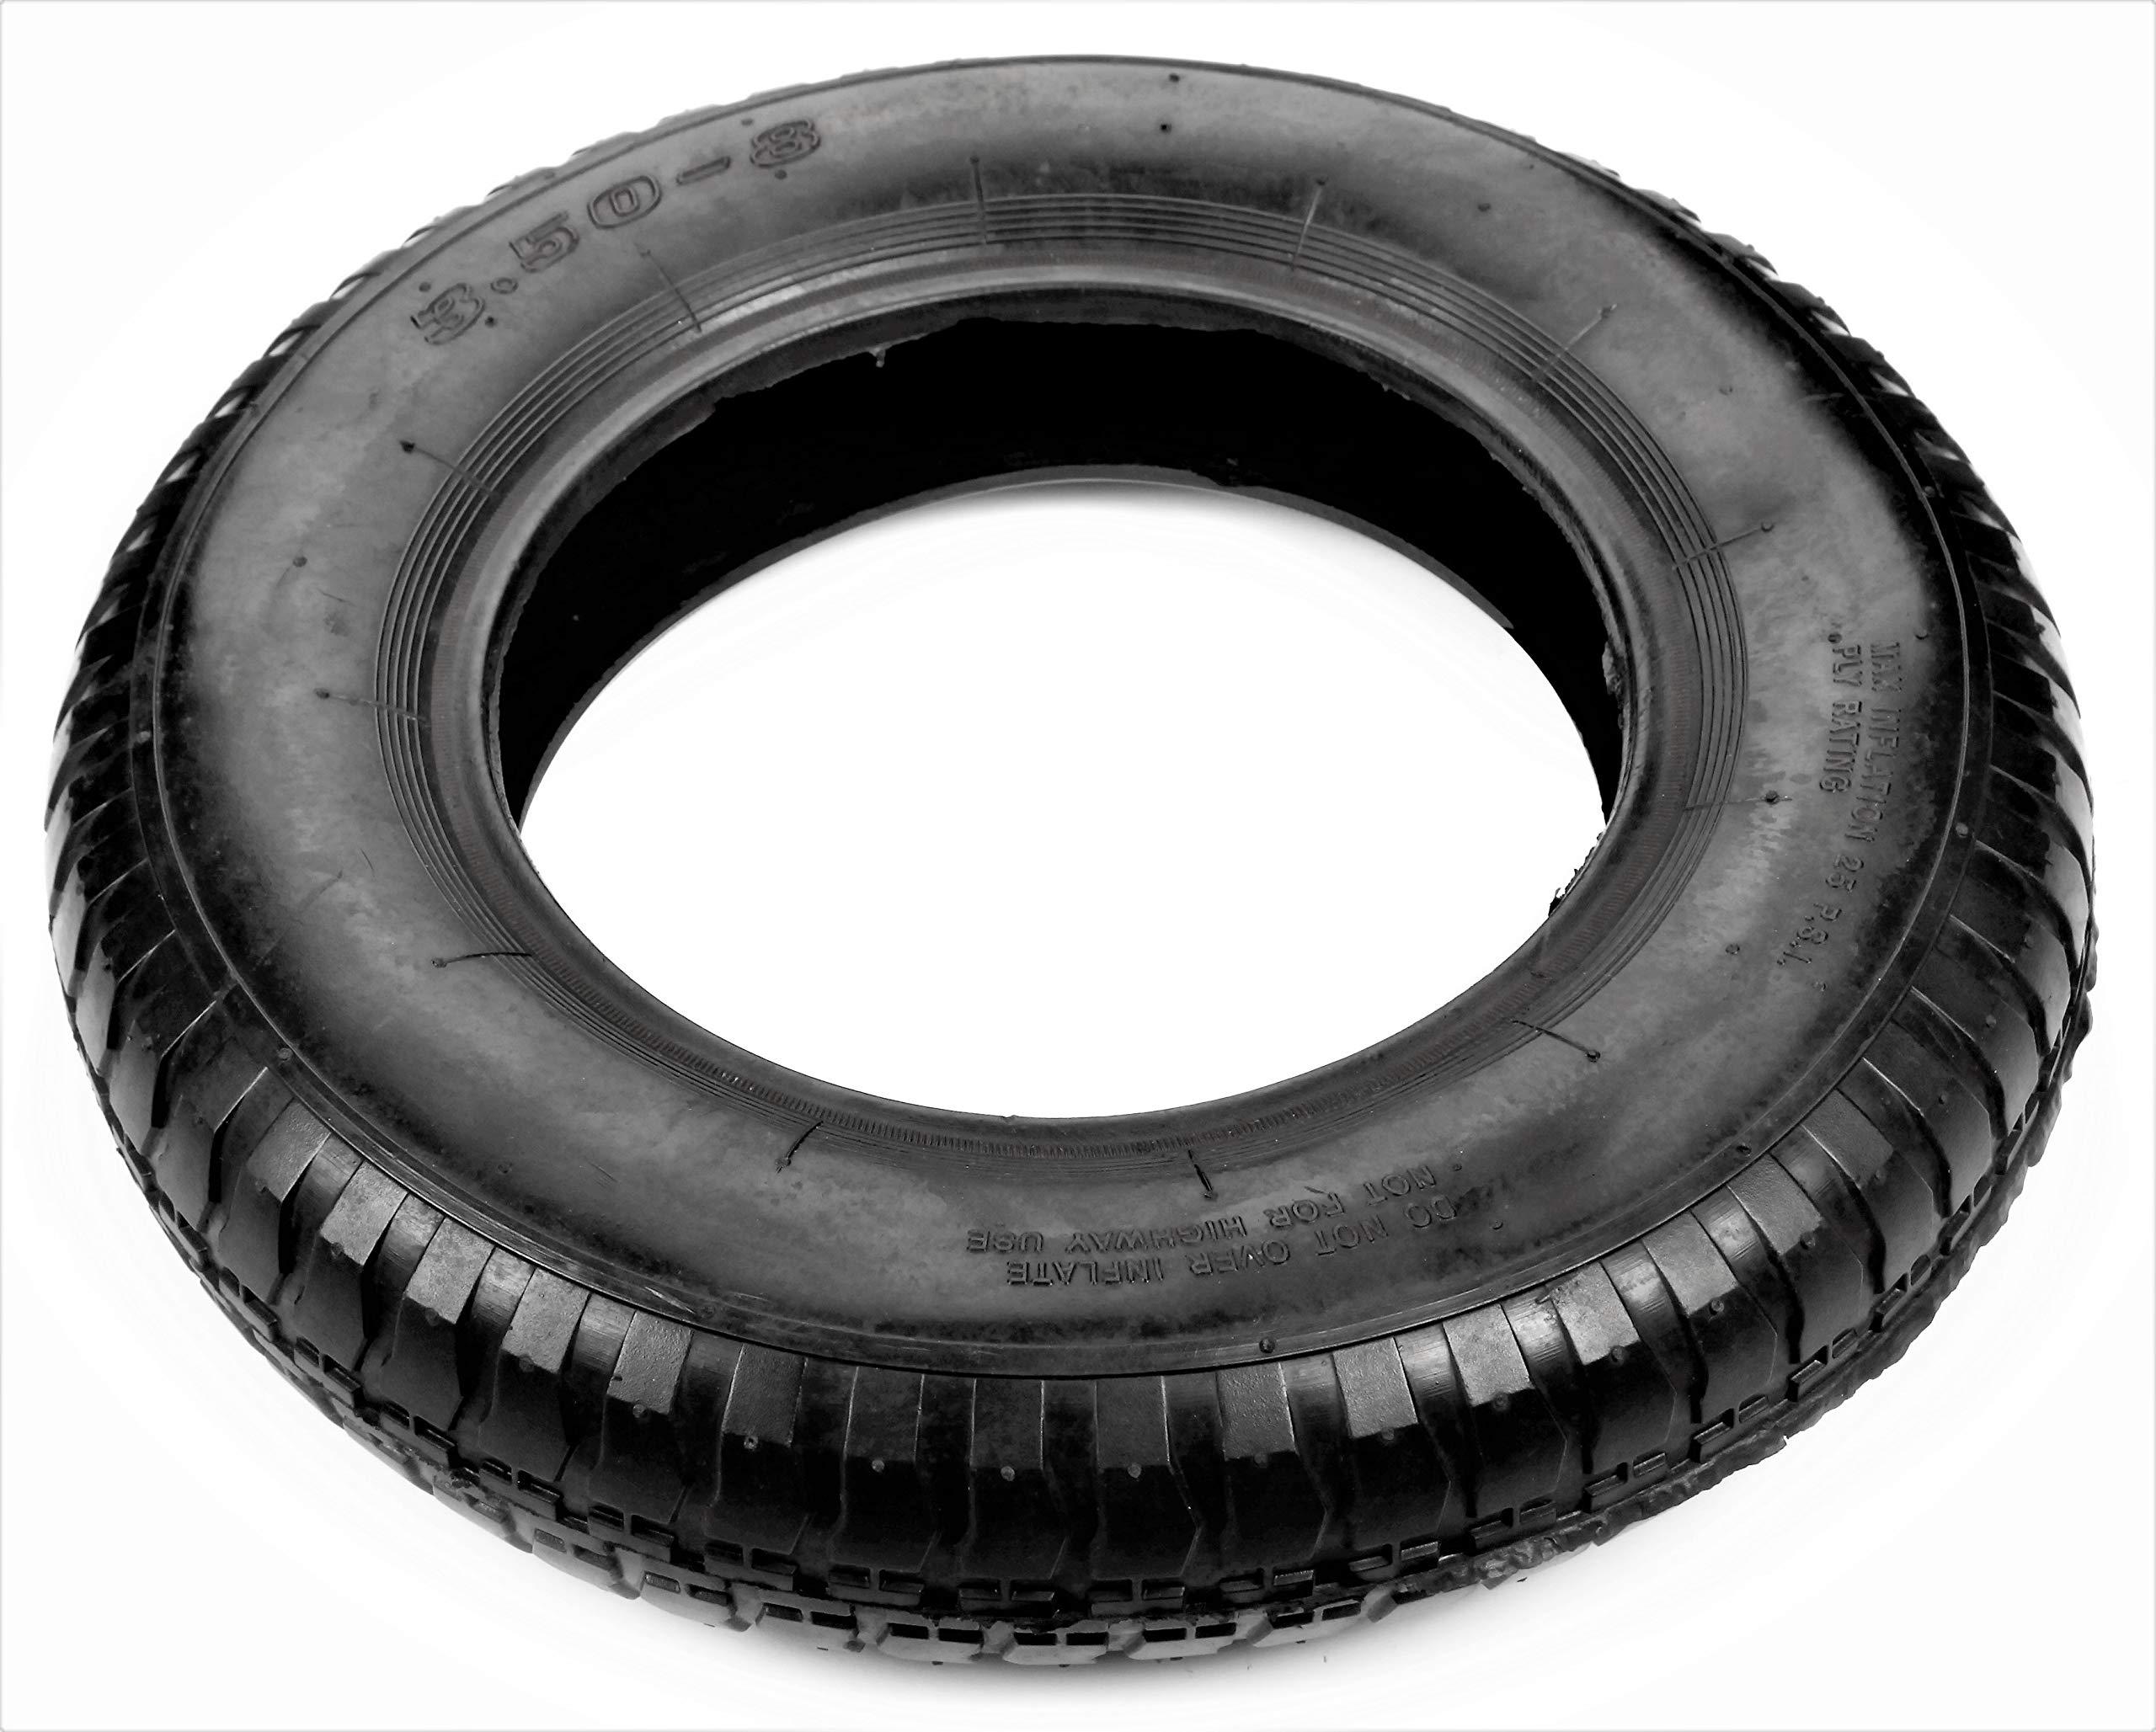 Potreba Tire 3.50-8 Pneumatic Air Filled Replacement for Wheelbarrow Wheels 15'' / Tire Replacement 8 Wheel